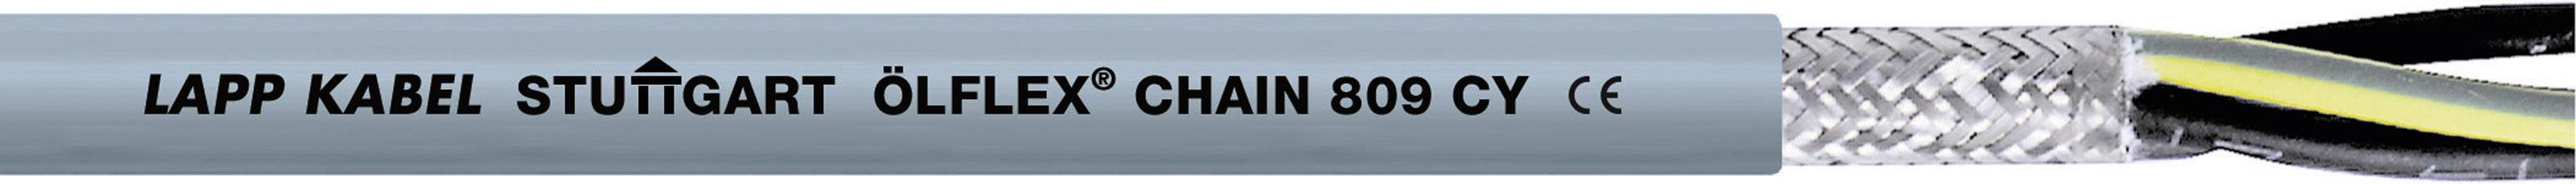 Žíla kabelu LappKabel ÖLFLEX CHAIN 809 CY 12G0,5 (1026756), 12x 0,5 mm², PVC, Ø 10 mm, stíněný, 100 m, šedá